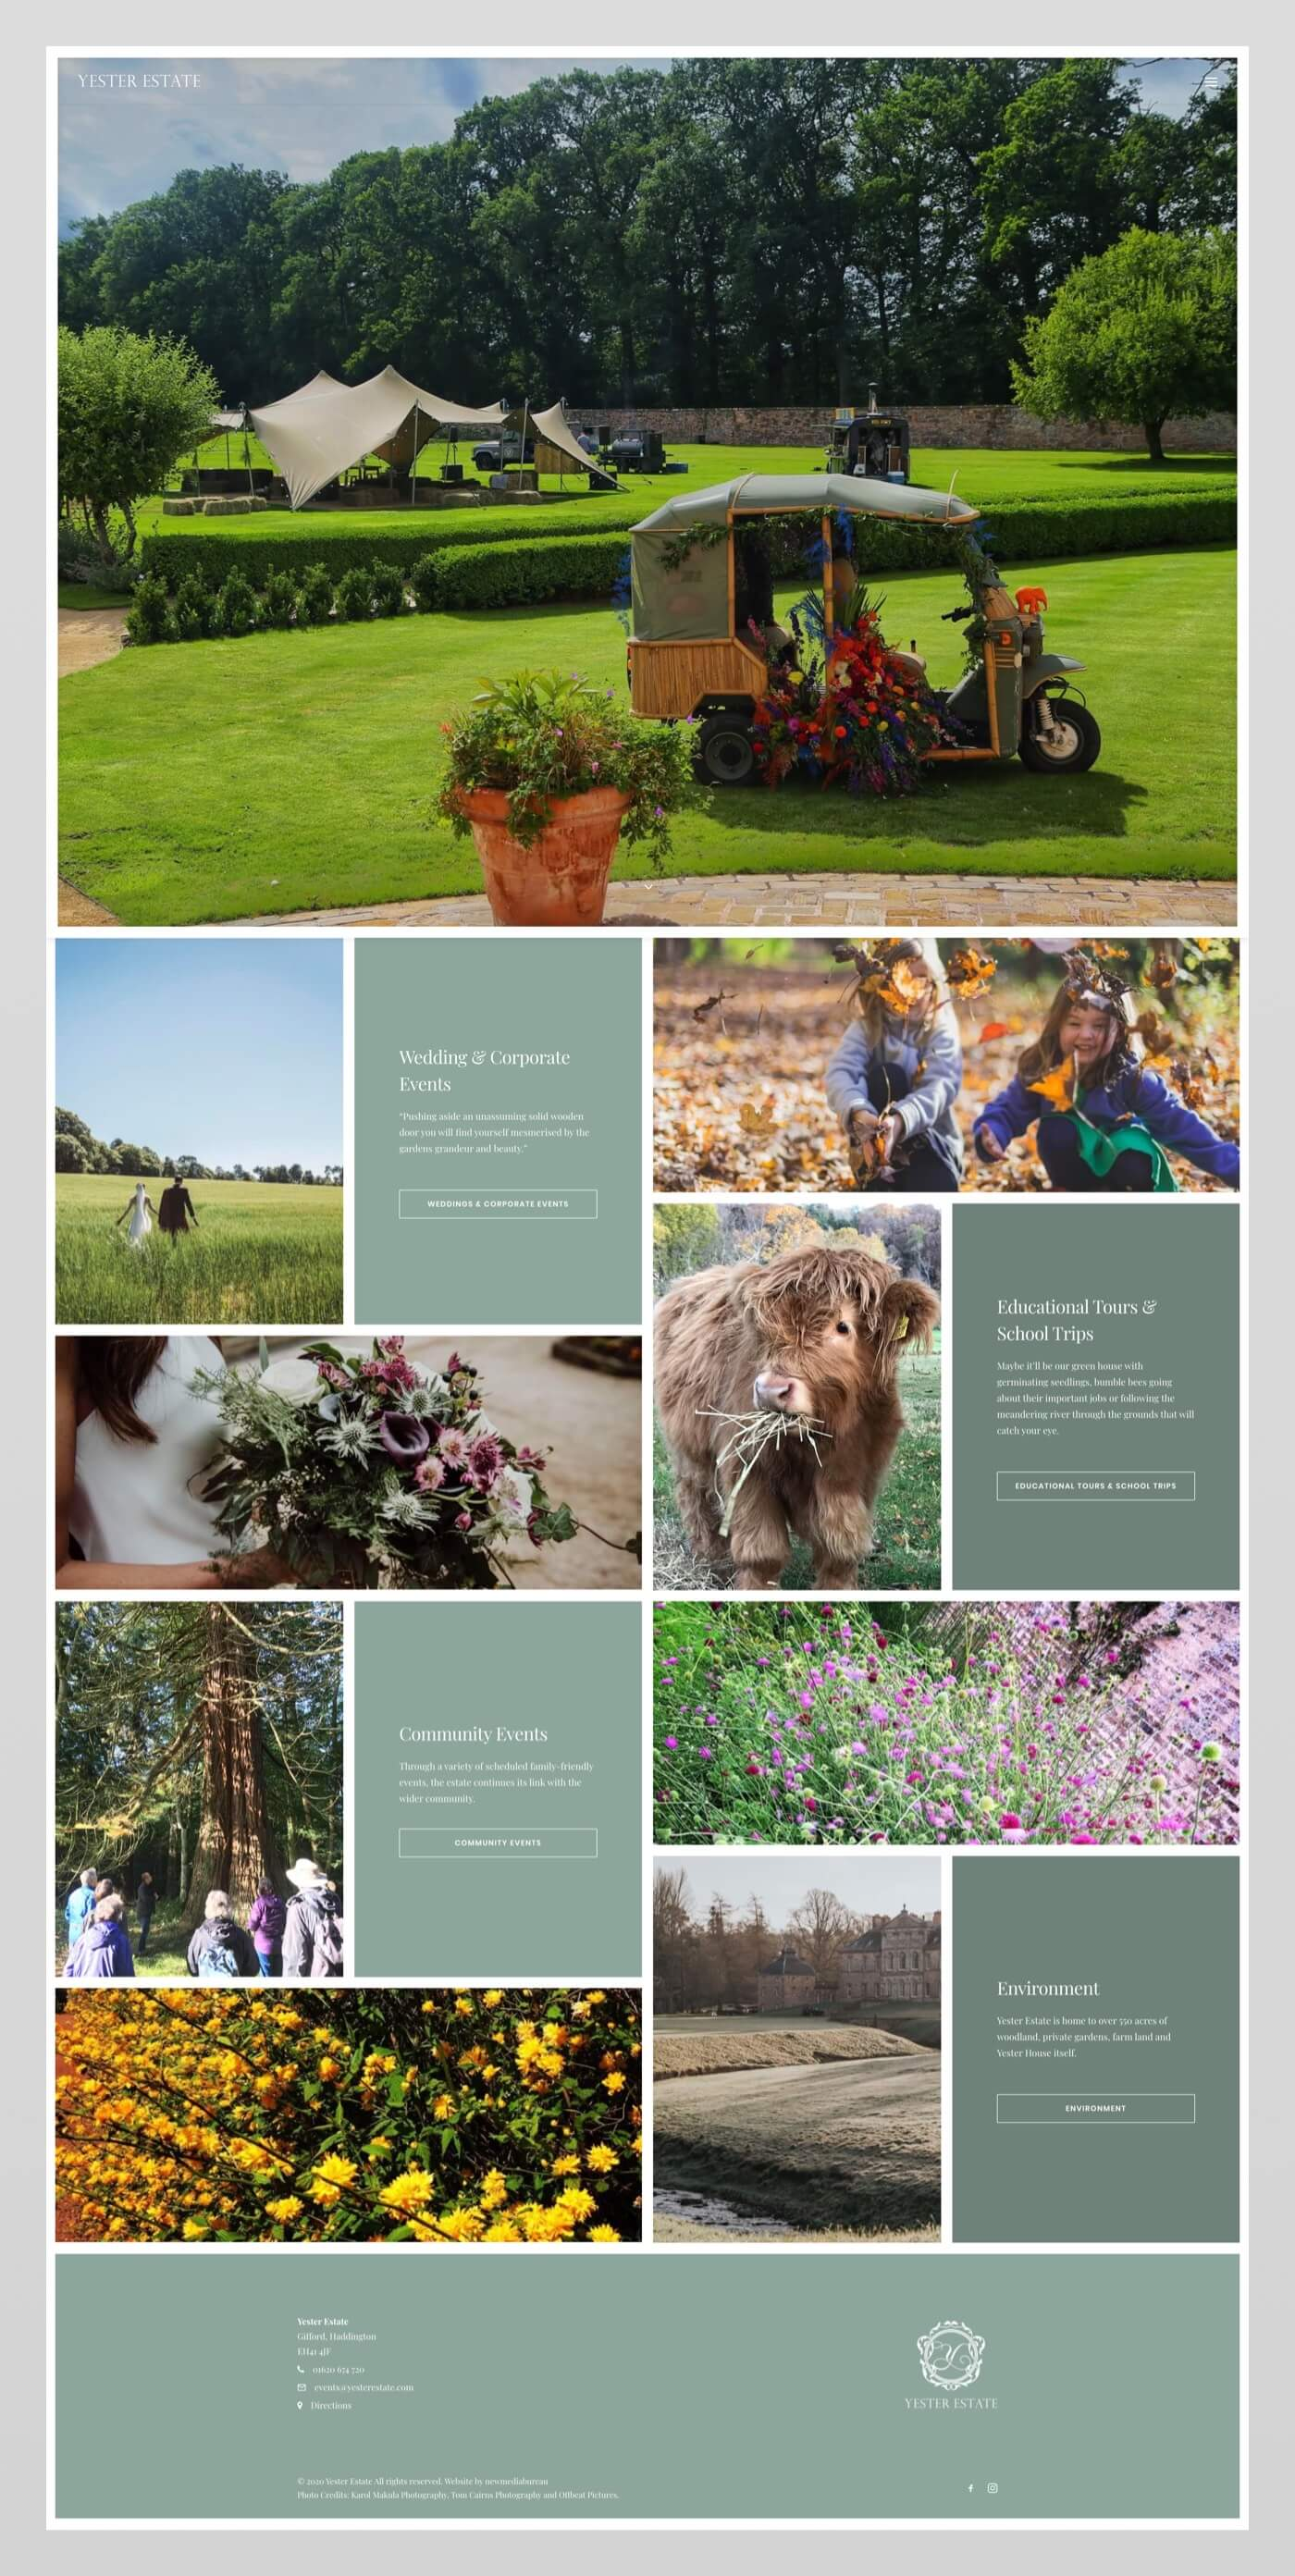 Website design for Yester Estate, Gifford, East Lothian